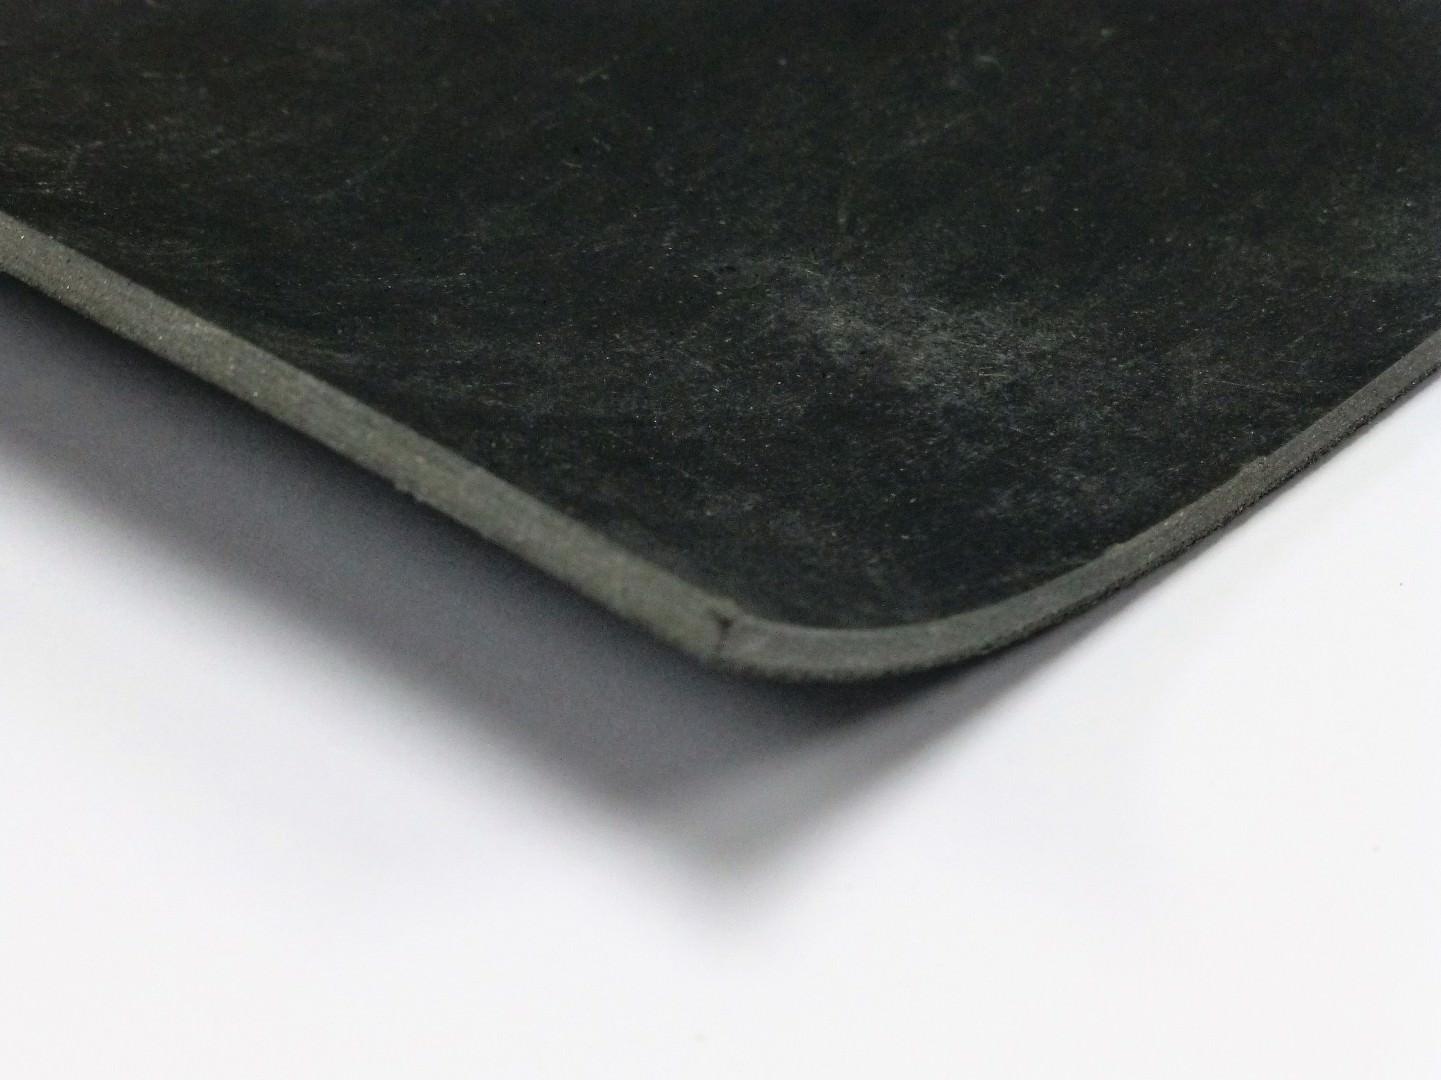 Trim Like Lead 7kg Barrier Mat Trim Acoustics